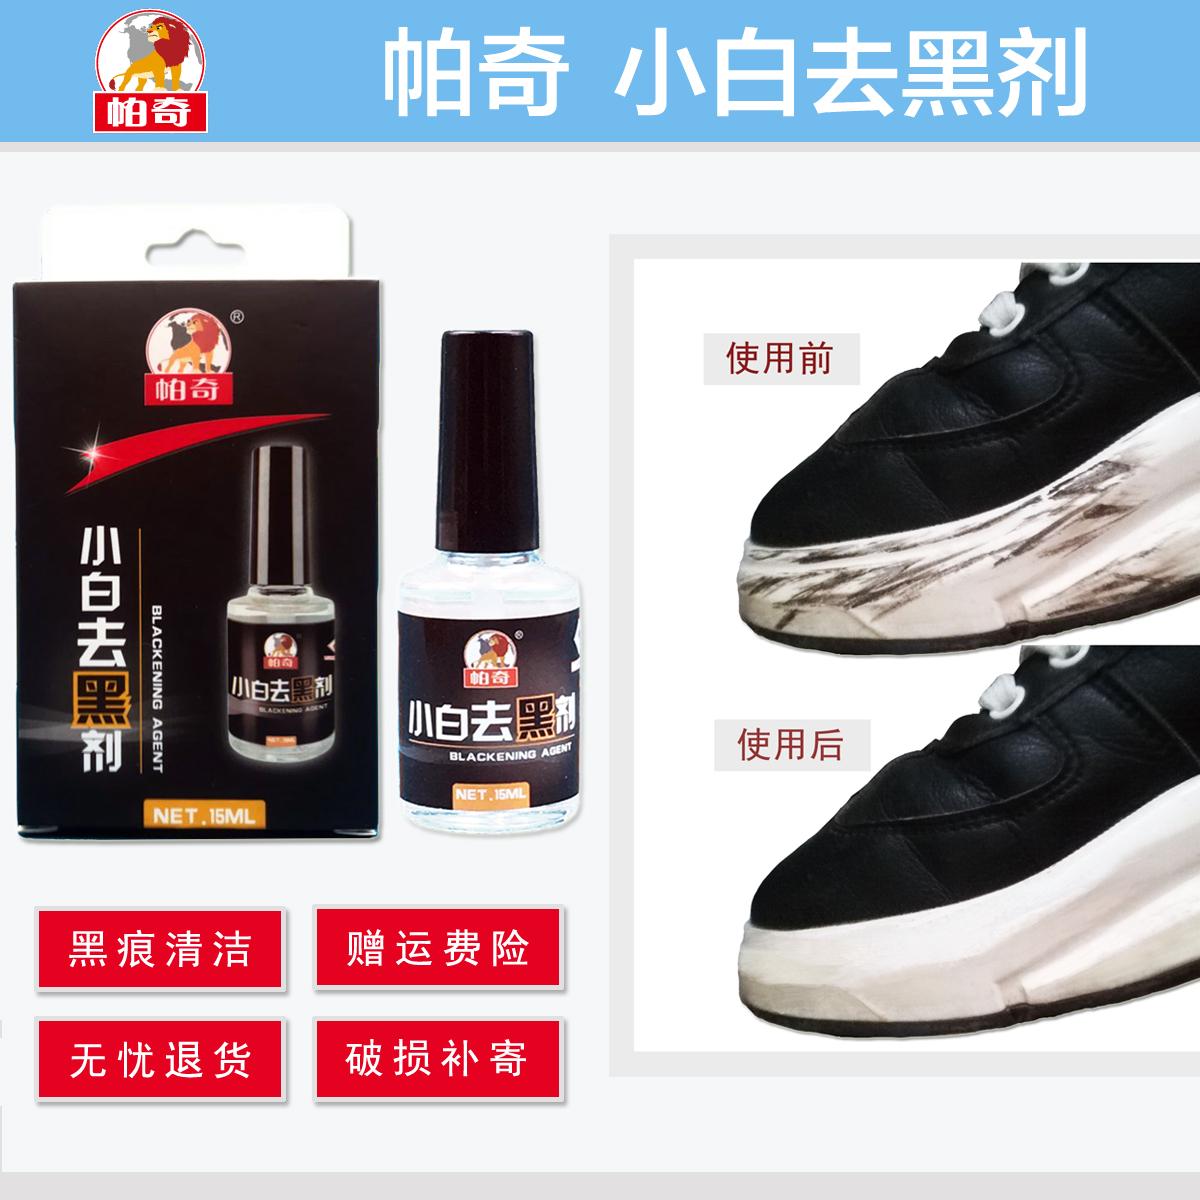 帕奇小白鞋去黑剂去除漆皮鞋边黑色蹭刮黑痕黑条划痕清洁污渍清除